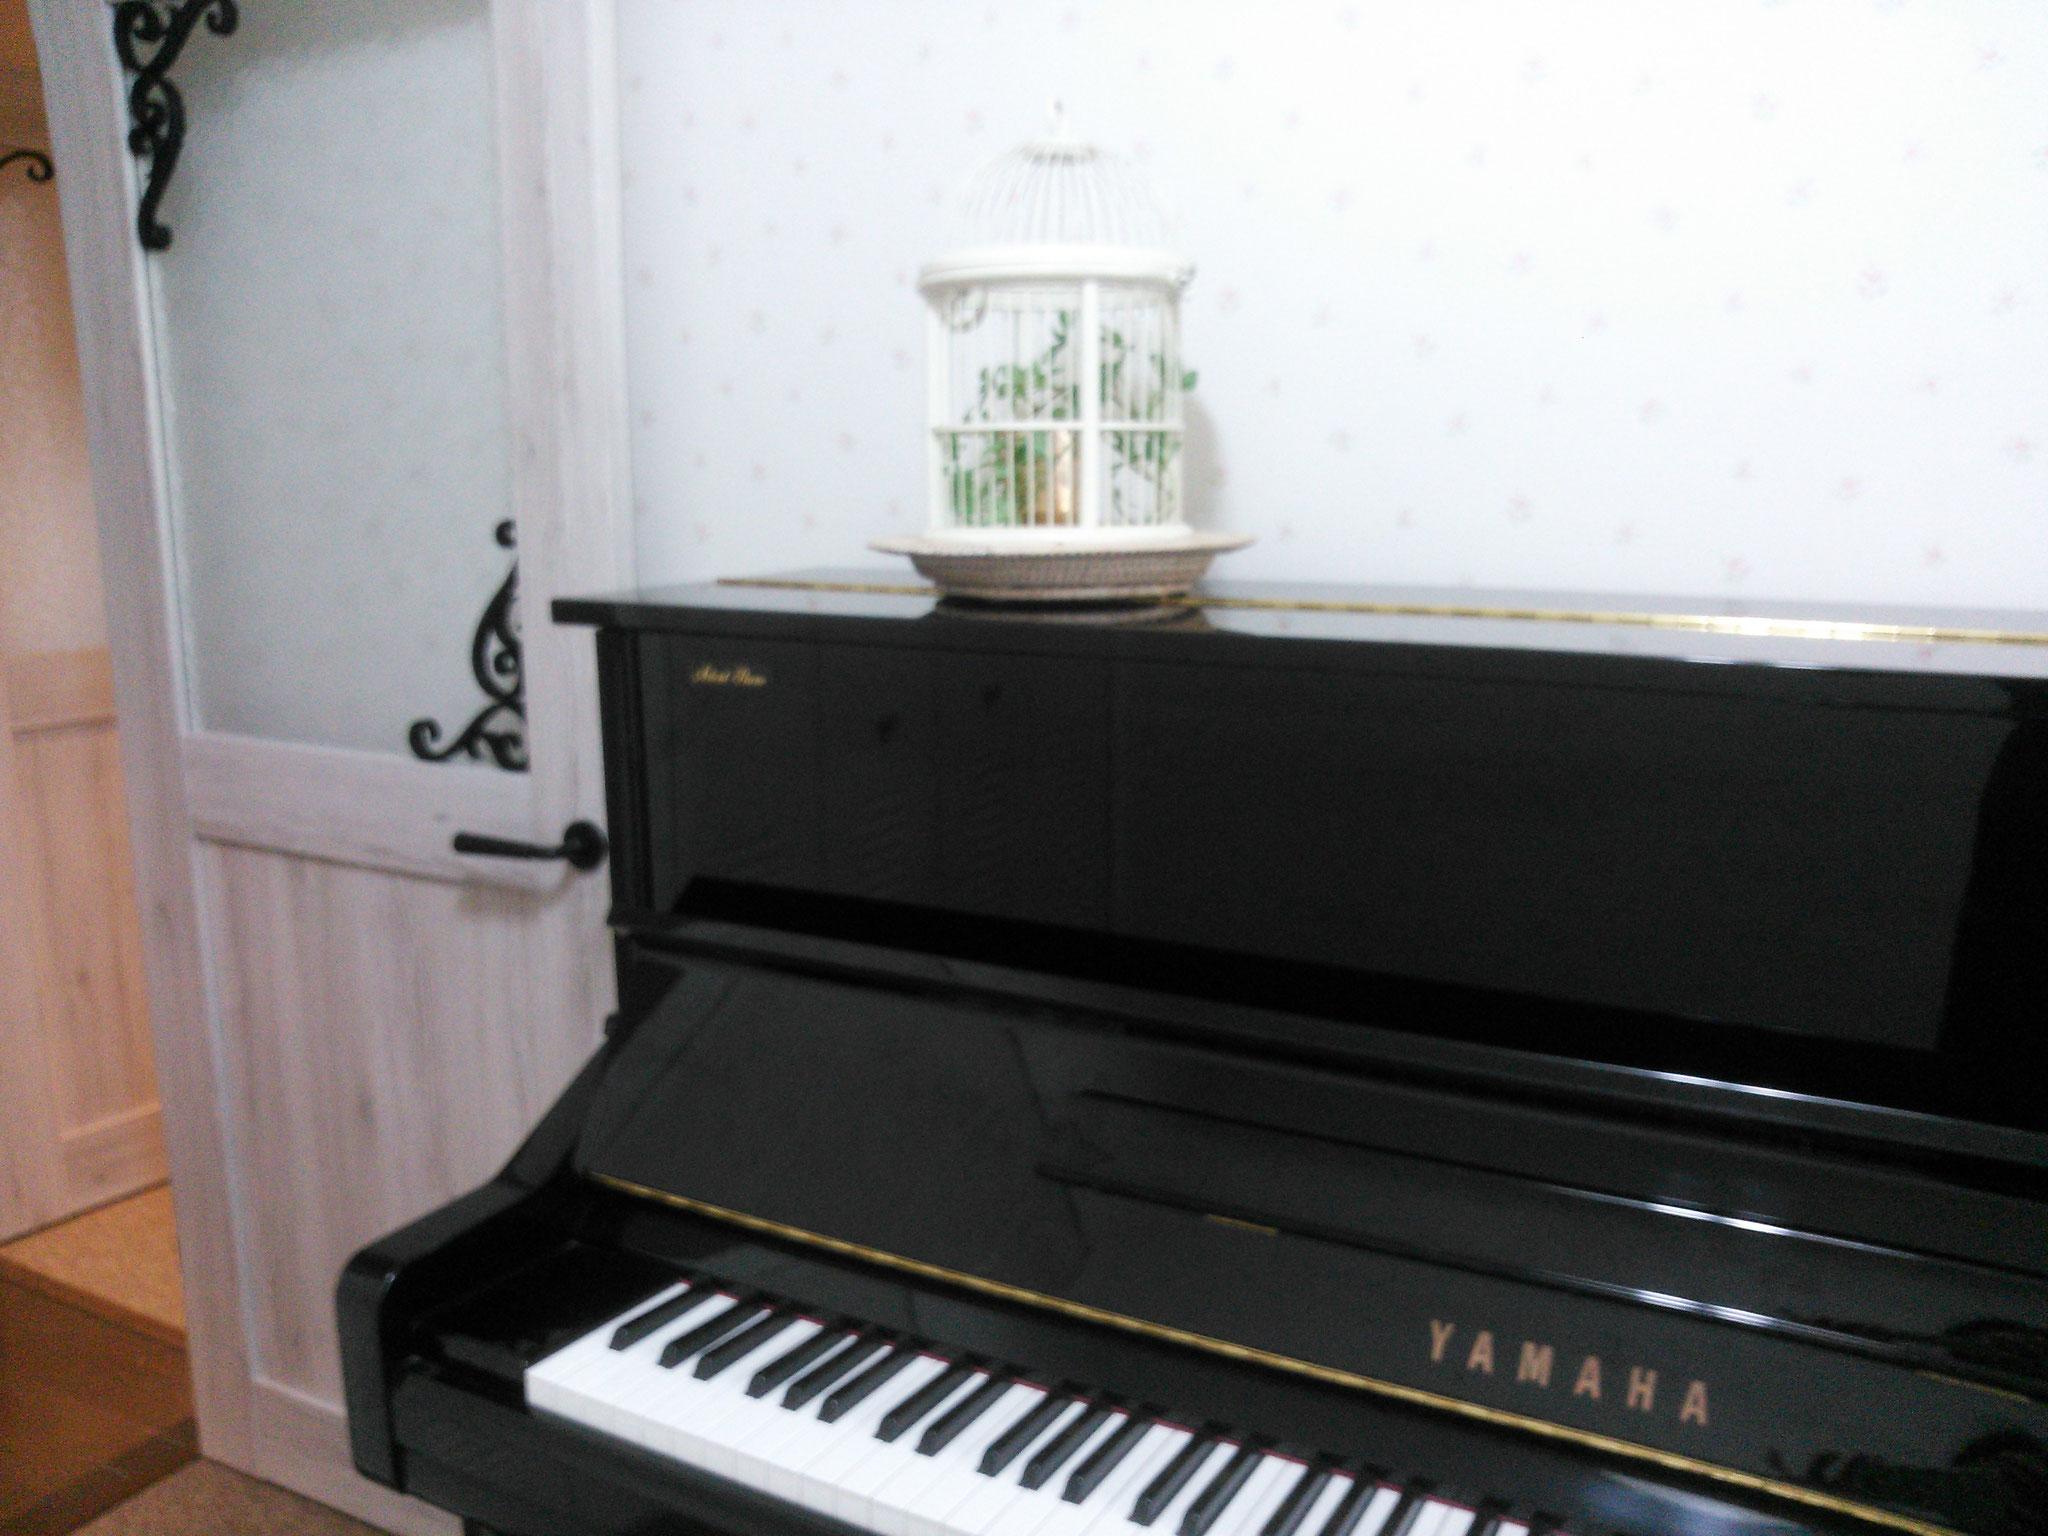 レッスン室Ⅱは、YAMAHAアップライトピアノ。防音完備。